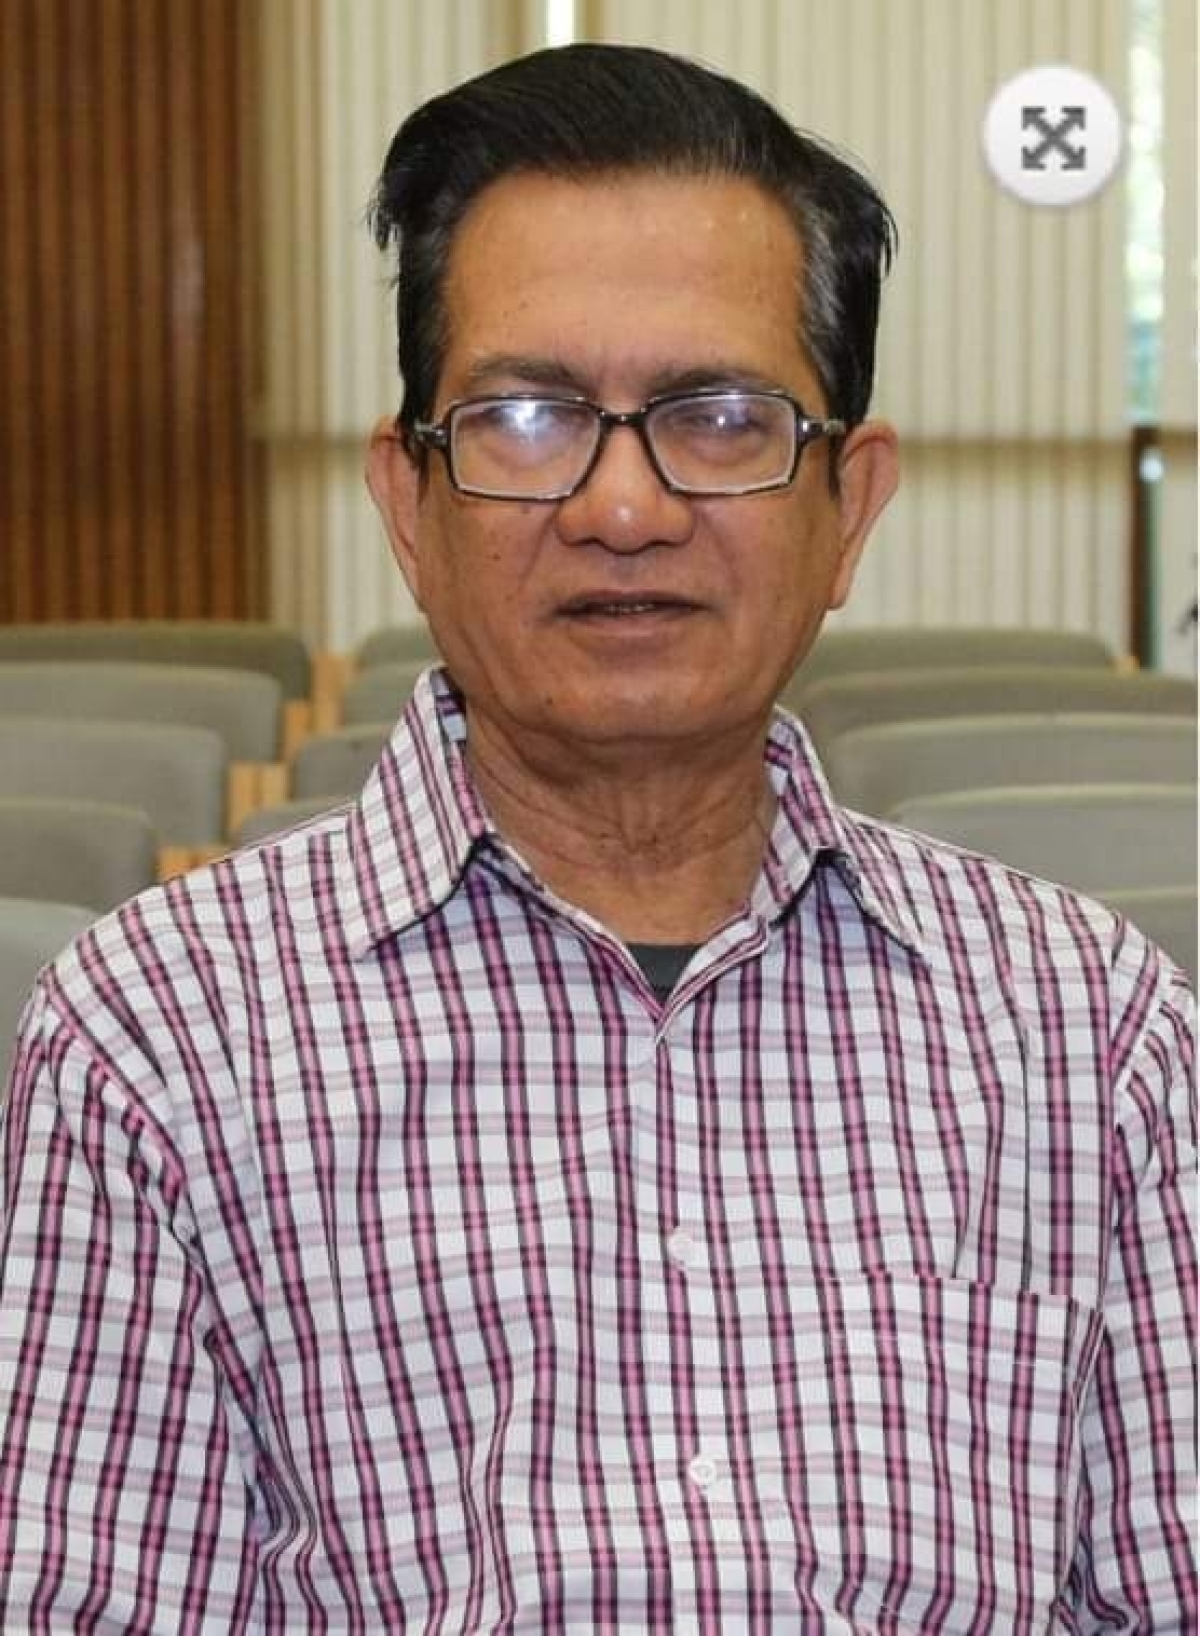 Zaheer Qureshi